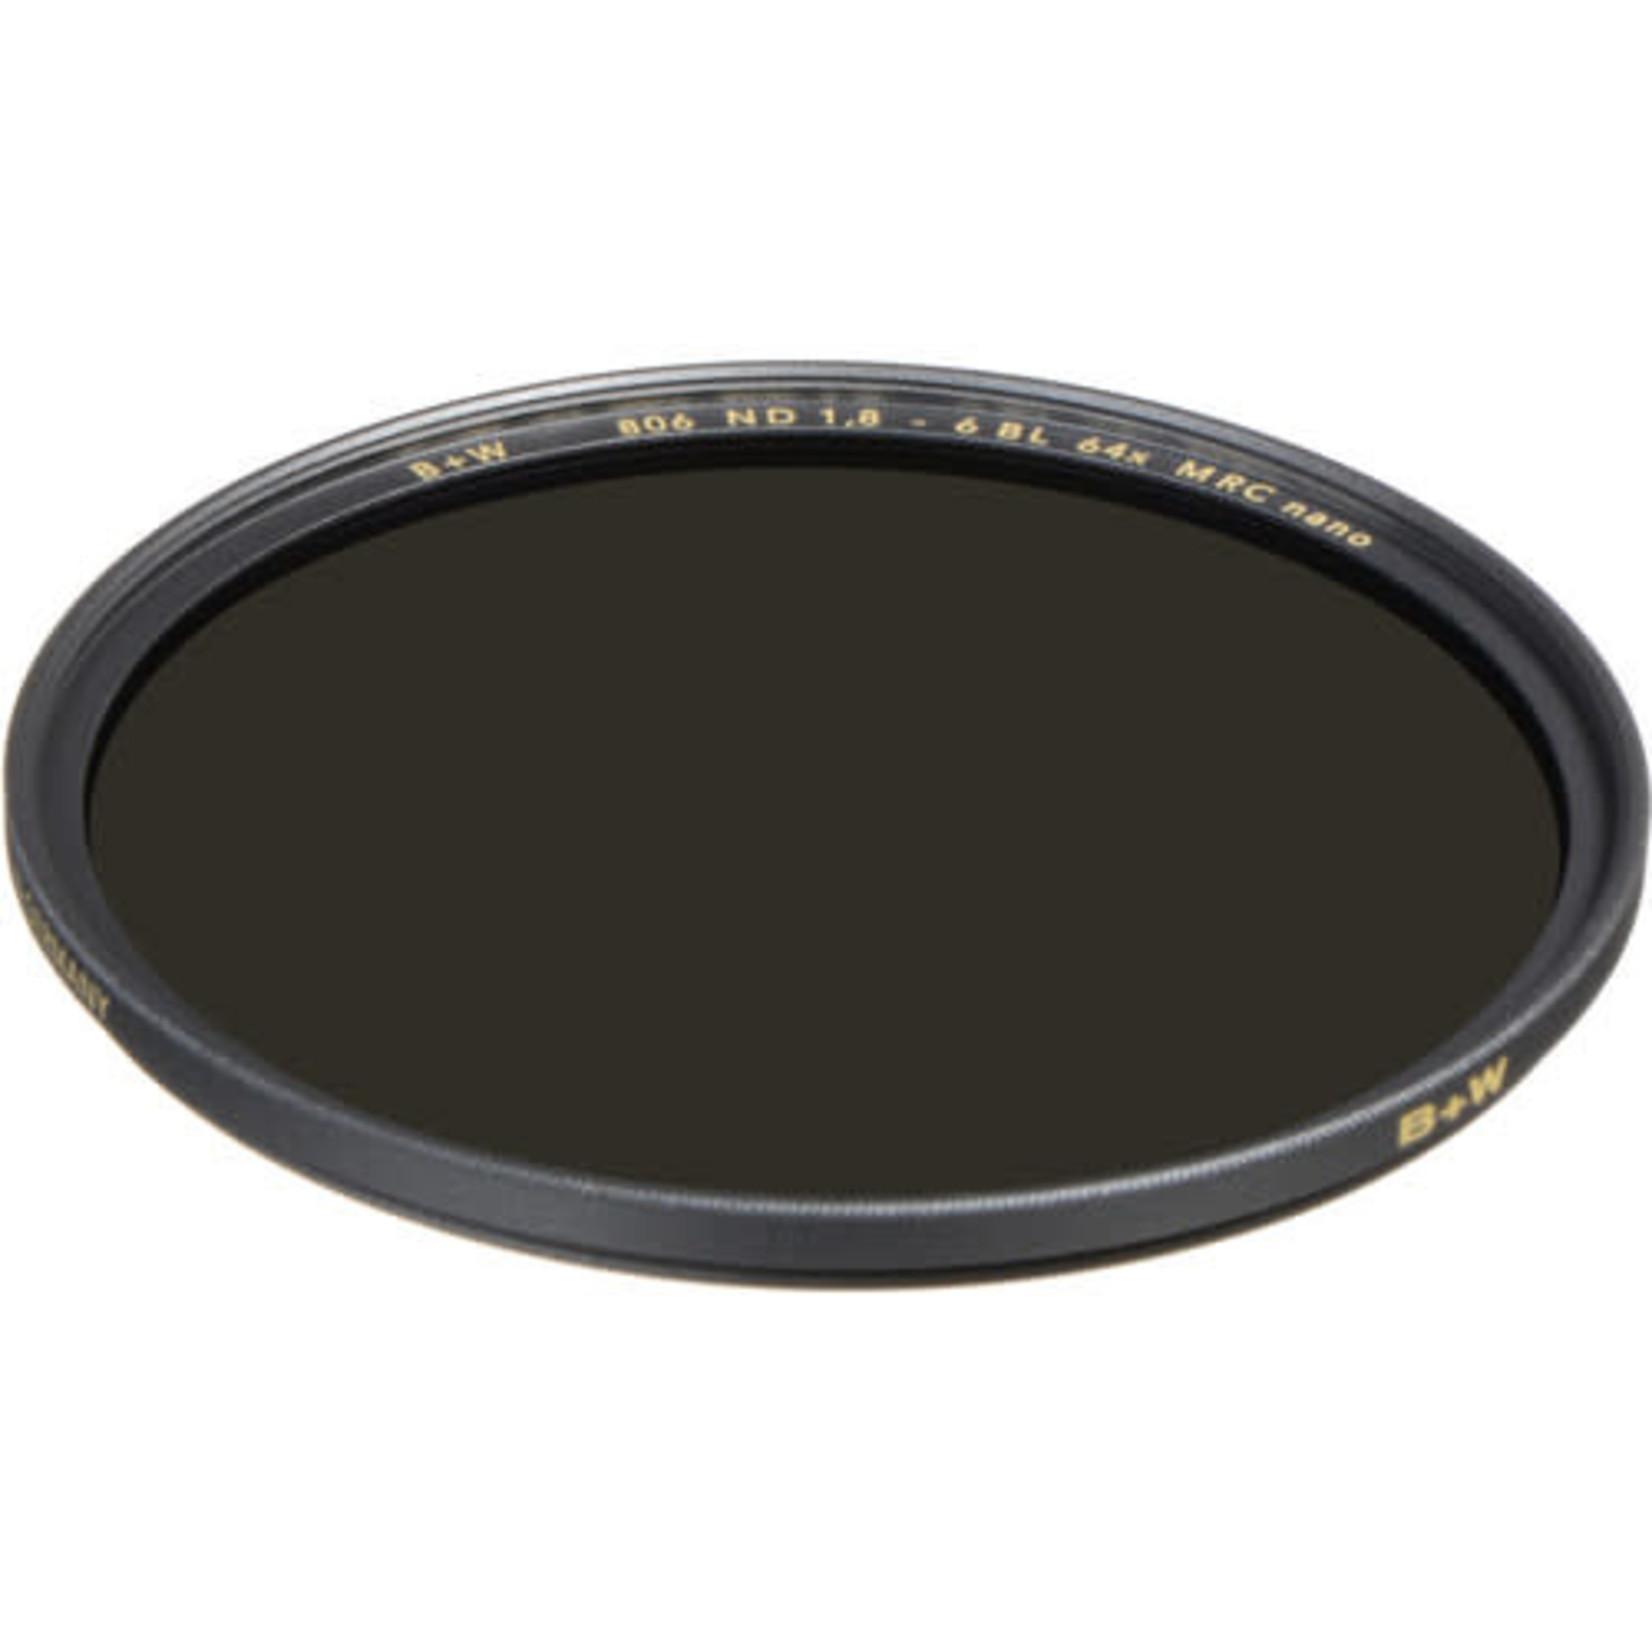 B+W B+W 77mm XS-Pro MRC-Nano 806 ND 1.8 Filter (6-Stop)